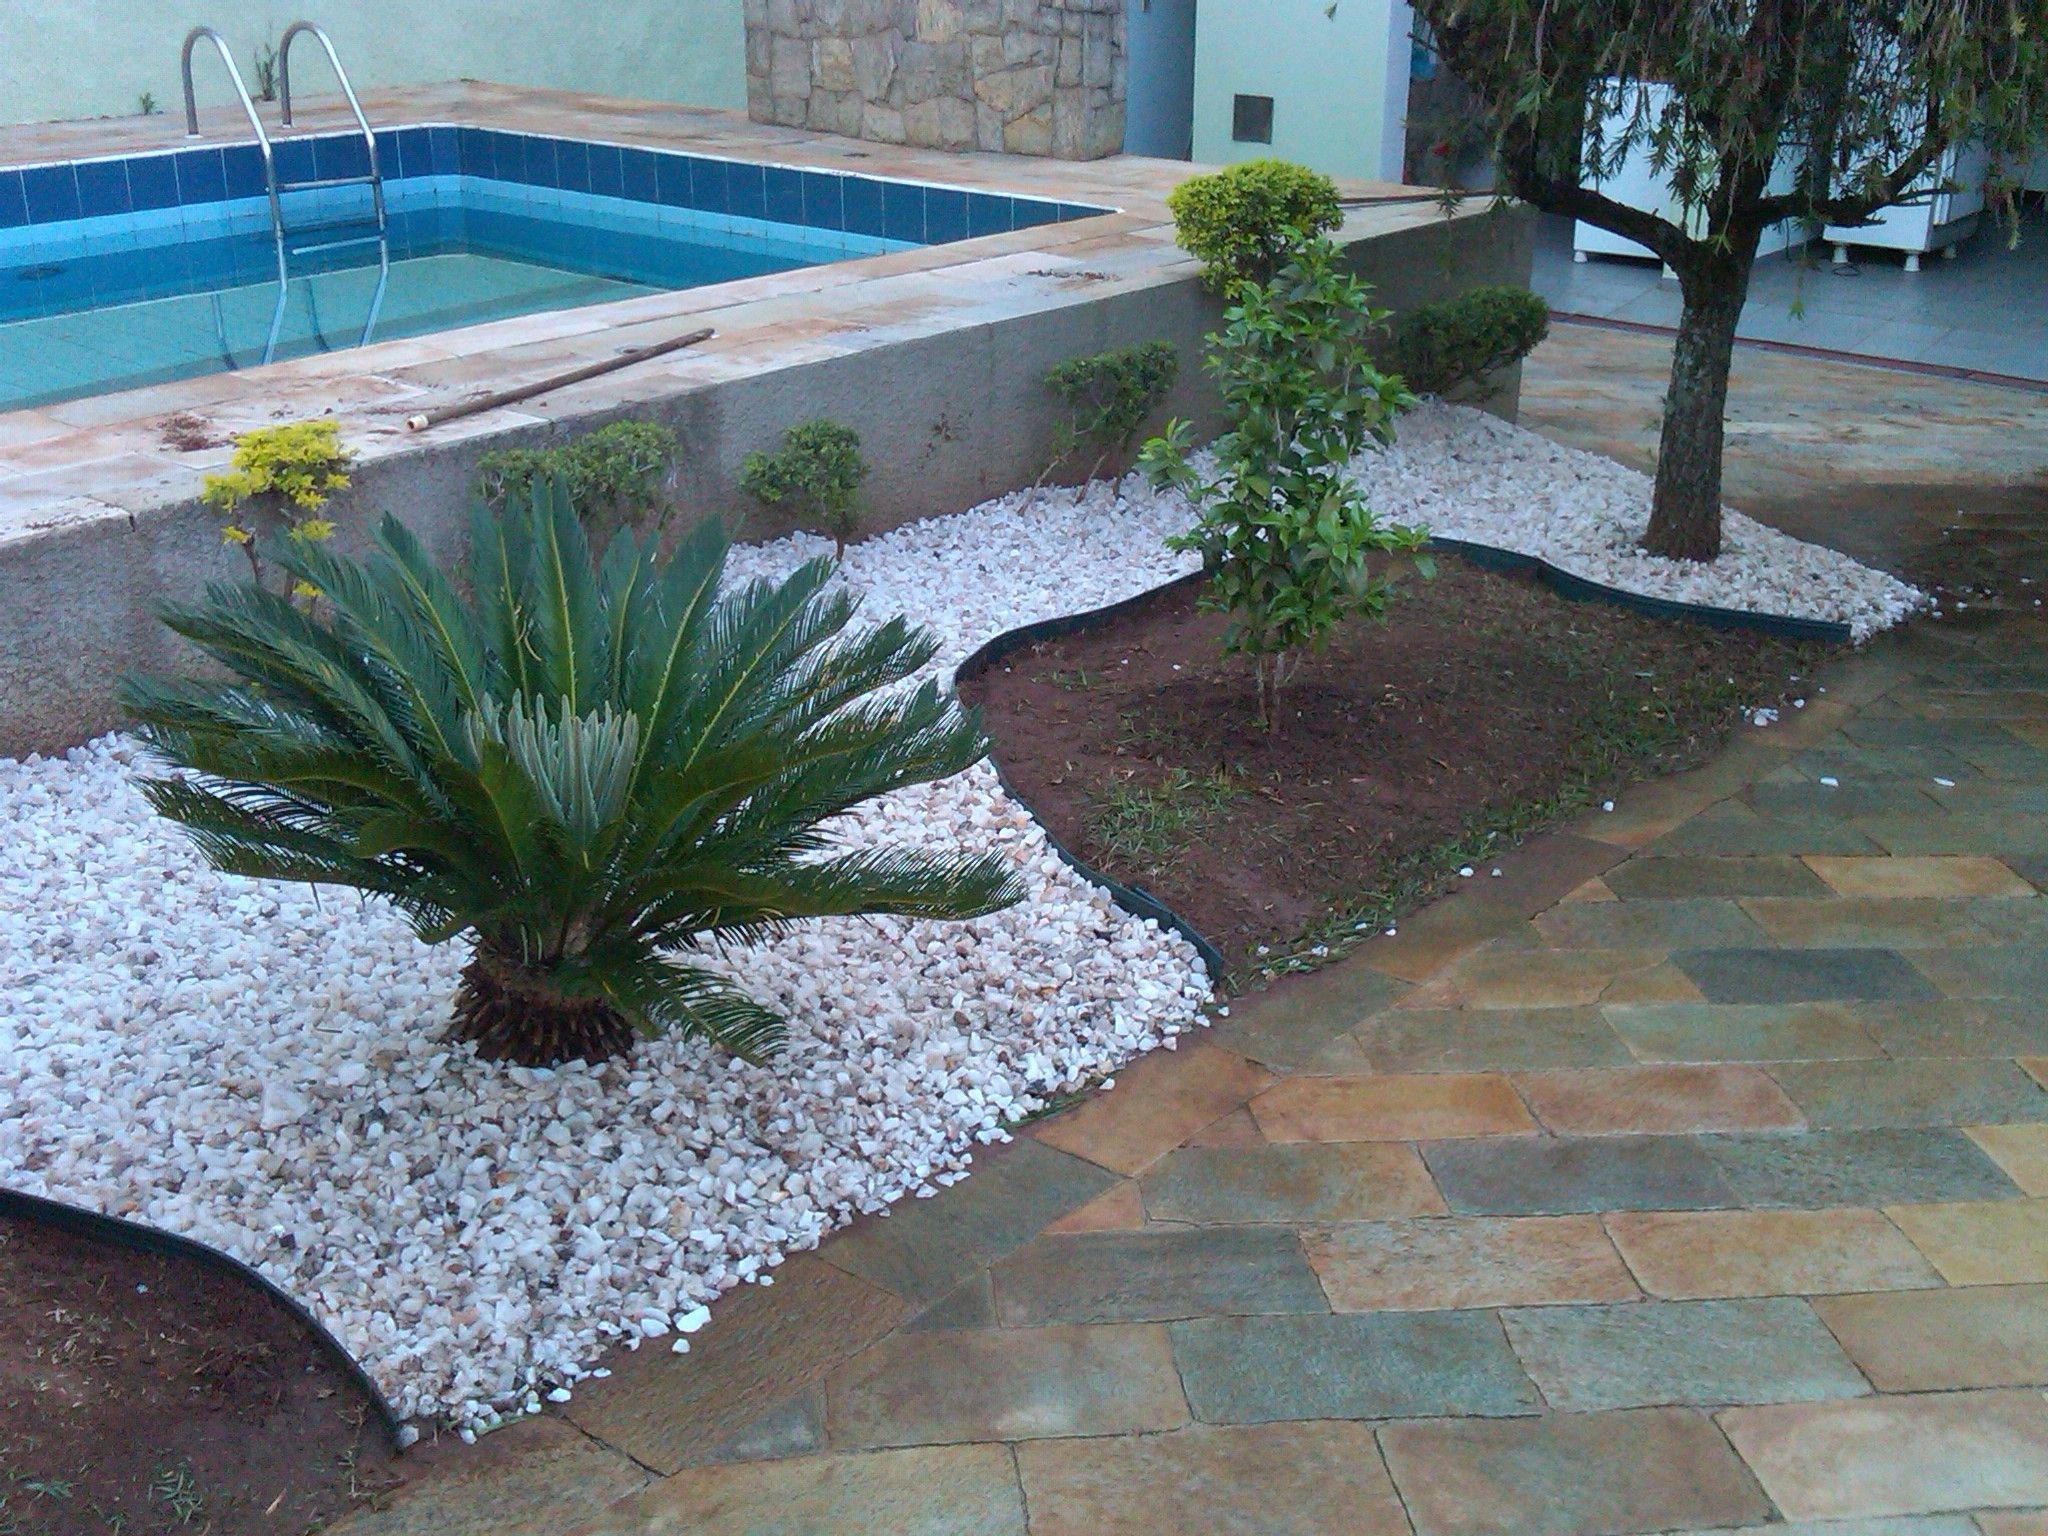 jardins pequenos com pedriscos - Pesquisa Google | our ...